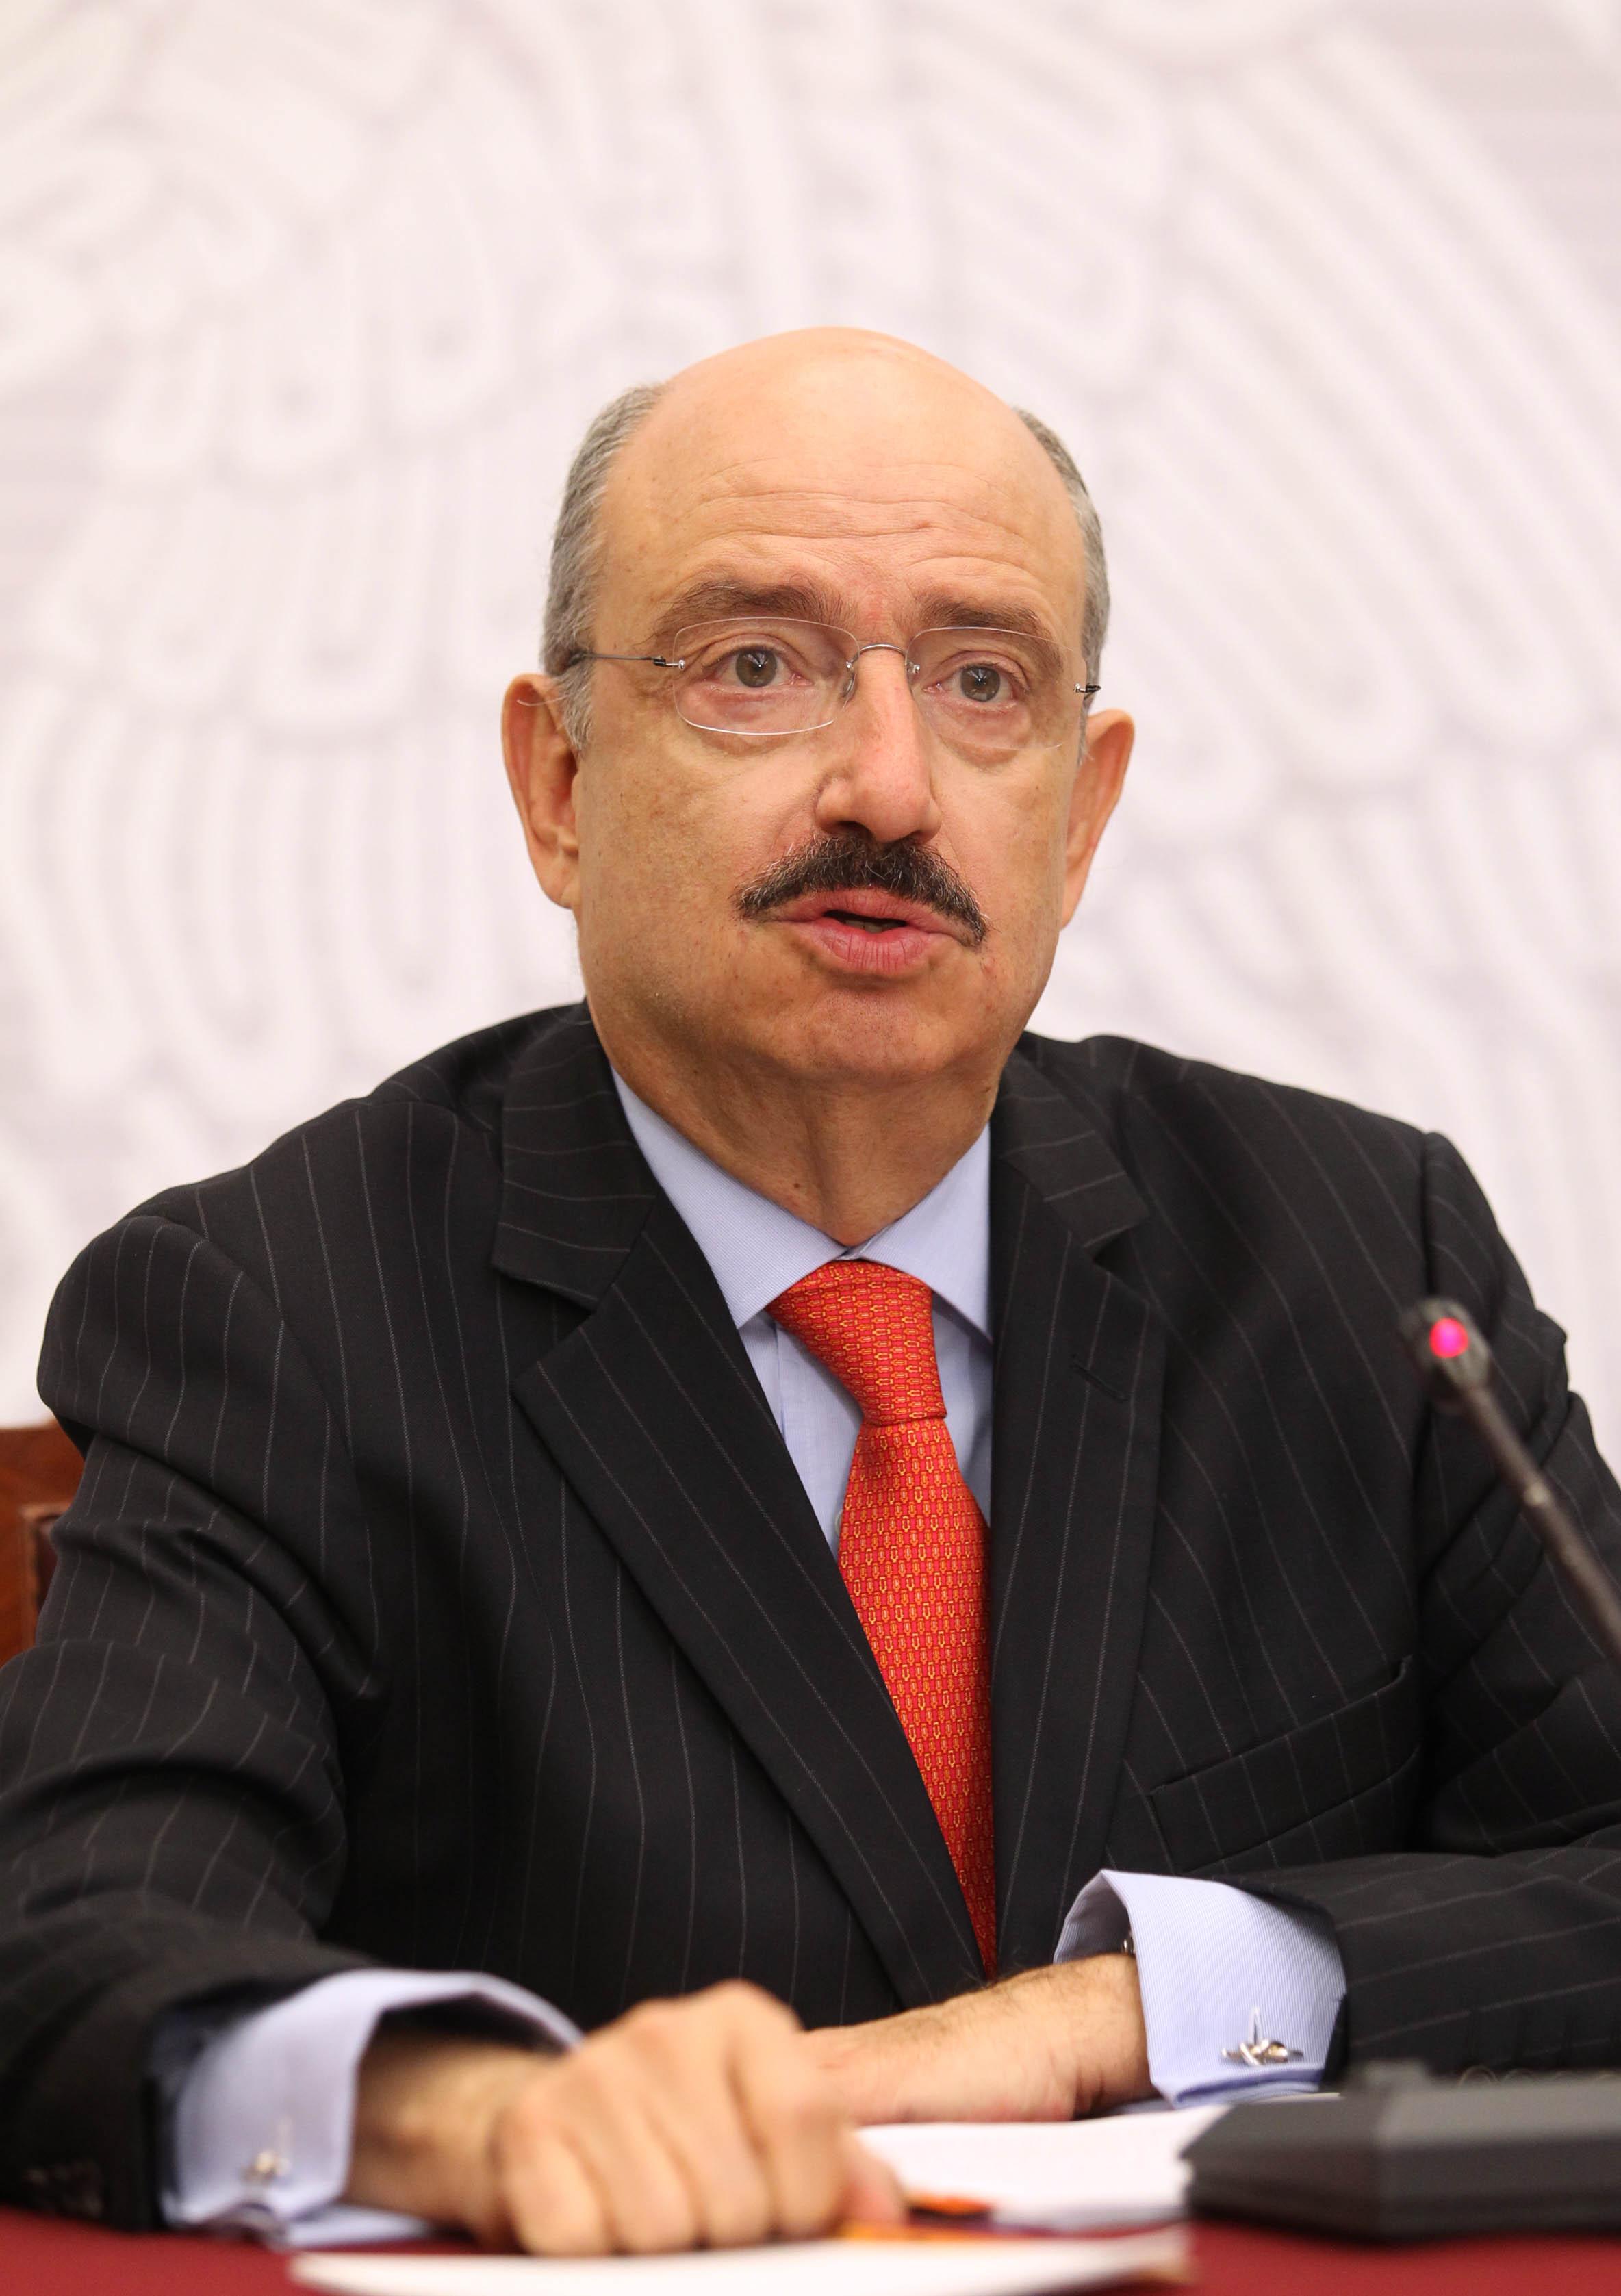 FOTO 2 Embajador Carlos de Icaza Gonz lez  subsecretario de Relaciones Exterioresjpg